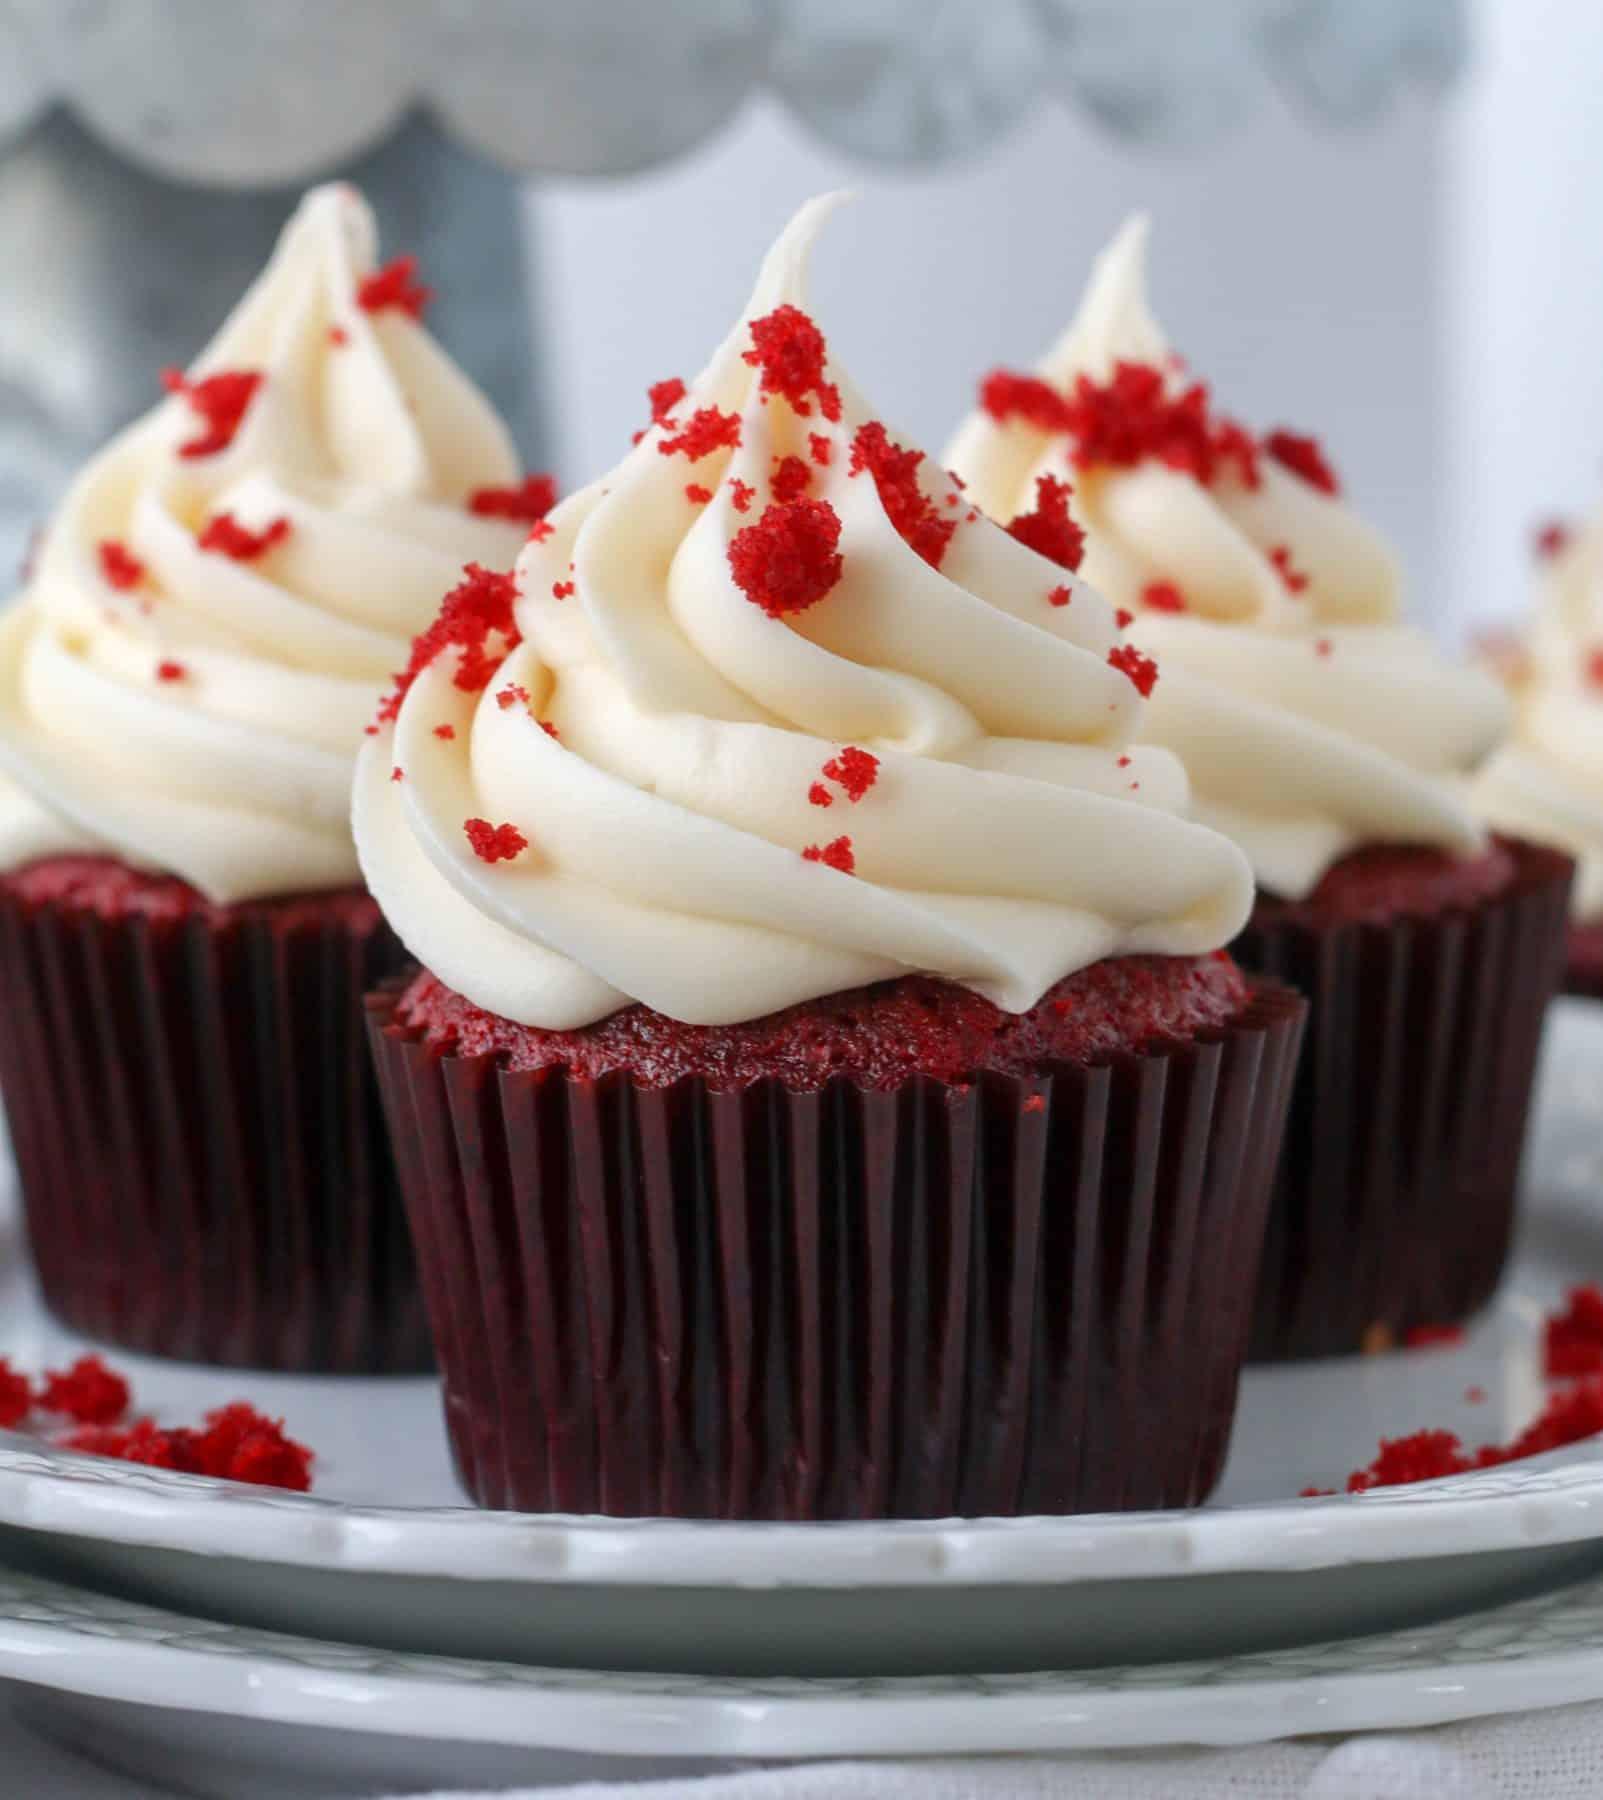 Easy Red Velvet Cupcake Recipe